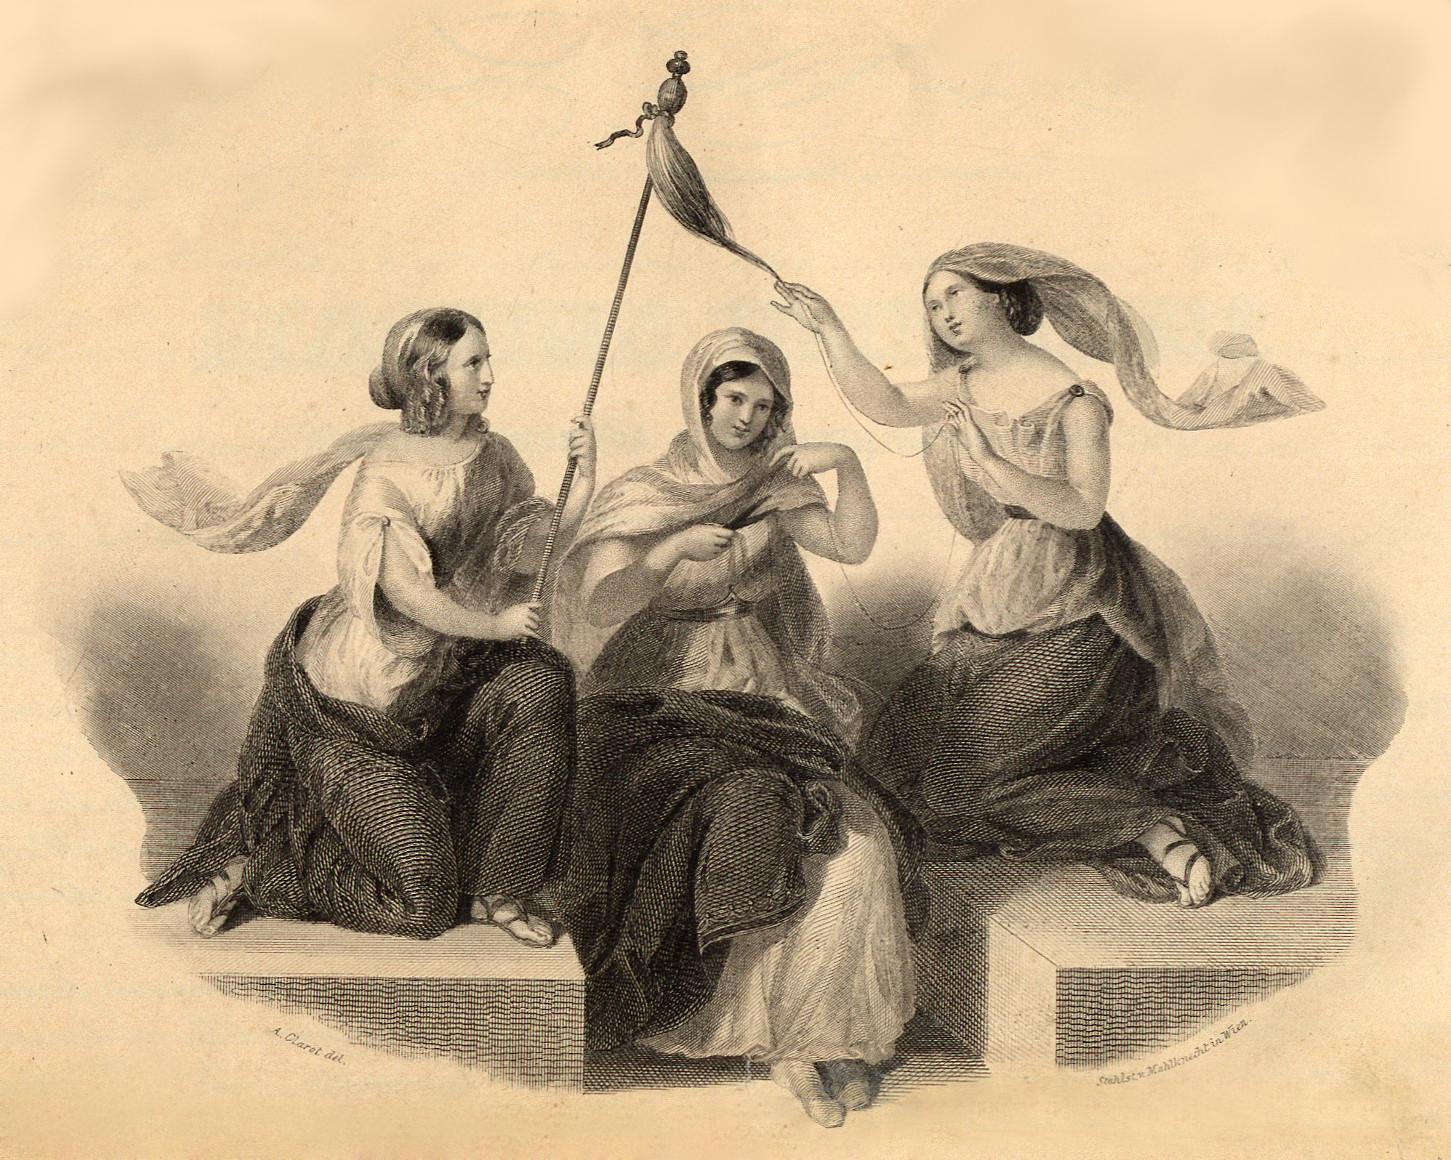 Polizza in caso di vita di Francesco Mecchia, particolare delle Parche (Trieste, 1 aprile 1840)